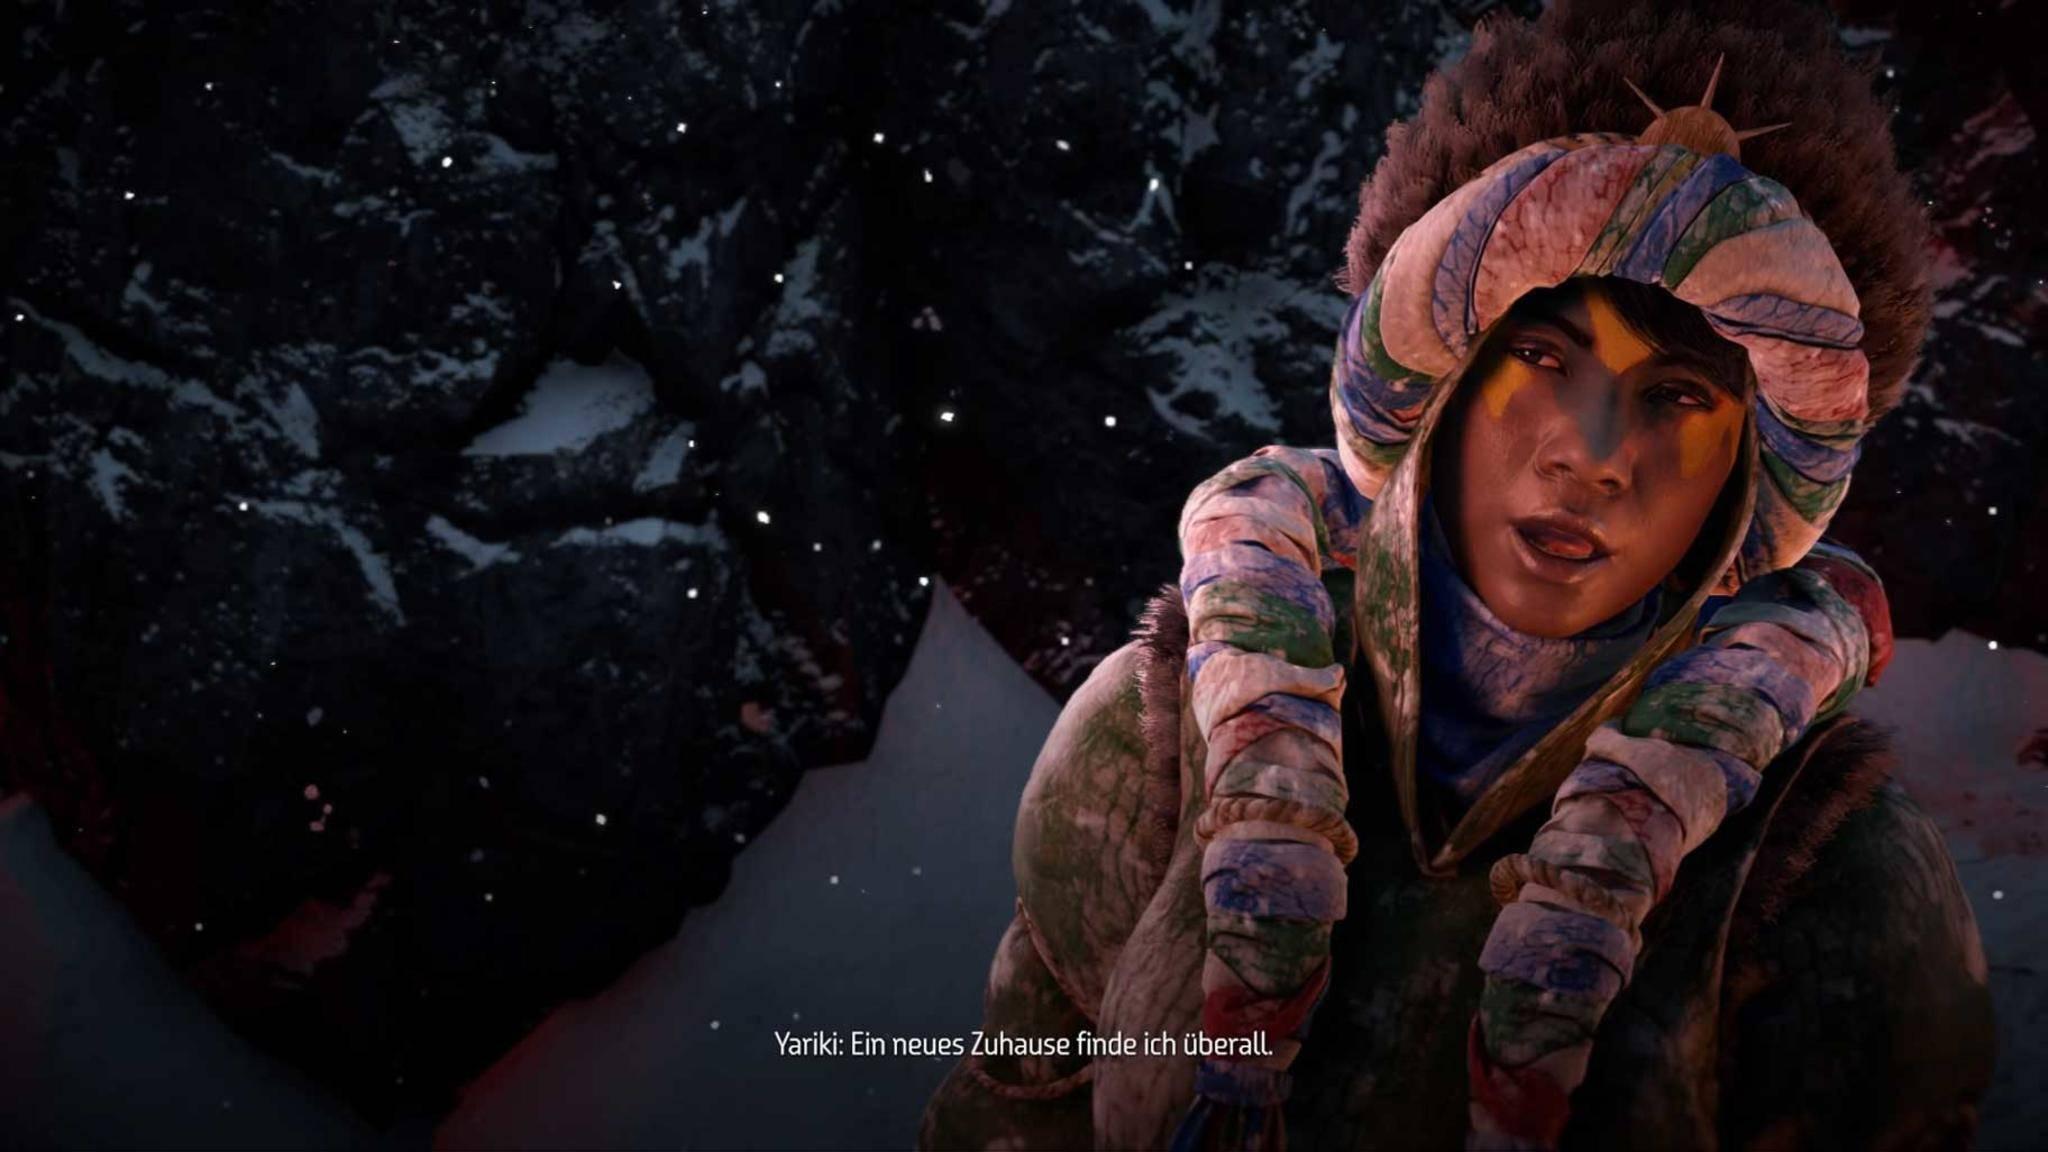 frozen wilds starten